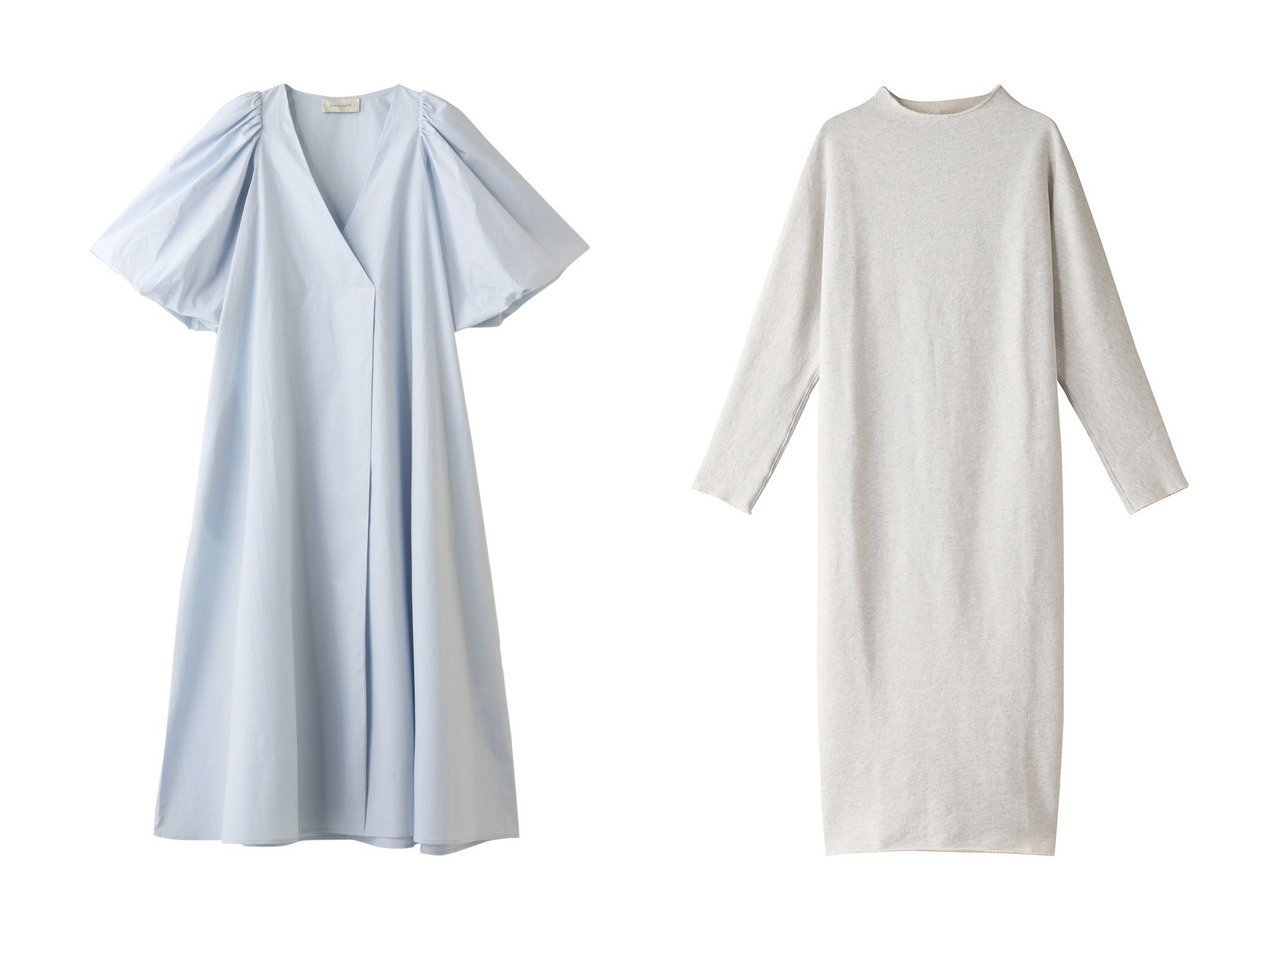 【heliopole/エリオポール】の【SHAINA MOTE】ドレス・ワンピース&【Frank&Eileen/フランク&アイリーン】の【tee lab】TRIPLE FLEECE ハイネックワンピース 【ワンピース・ドレス】おすすめ!人気、トレンド・レディースファッションの通販 おすすめで人気の流行・トレンド、ファッションの通販商品 メンズファッション・キッズファッション・インテリア・家具・レディースファッション・服の通販 founy(ファニー) https://founy.com/ ファッション Fashion レディースファッション WOMEN ワンピース Dress ドレス Party Dresses S/S・春夏 SS・Spring/Summer スリーブ ドレス ロング 春 Spring シンプル ハイネック メランジ |ID:crp329100000037676